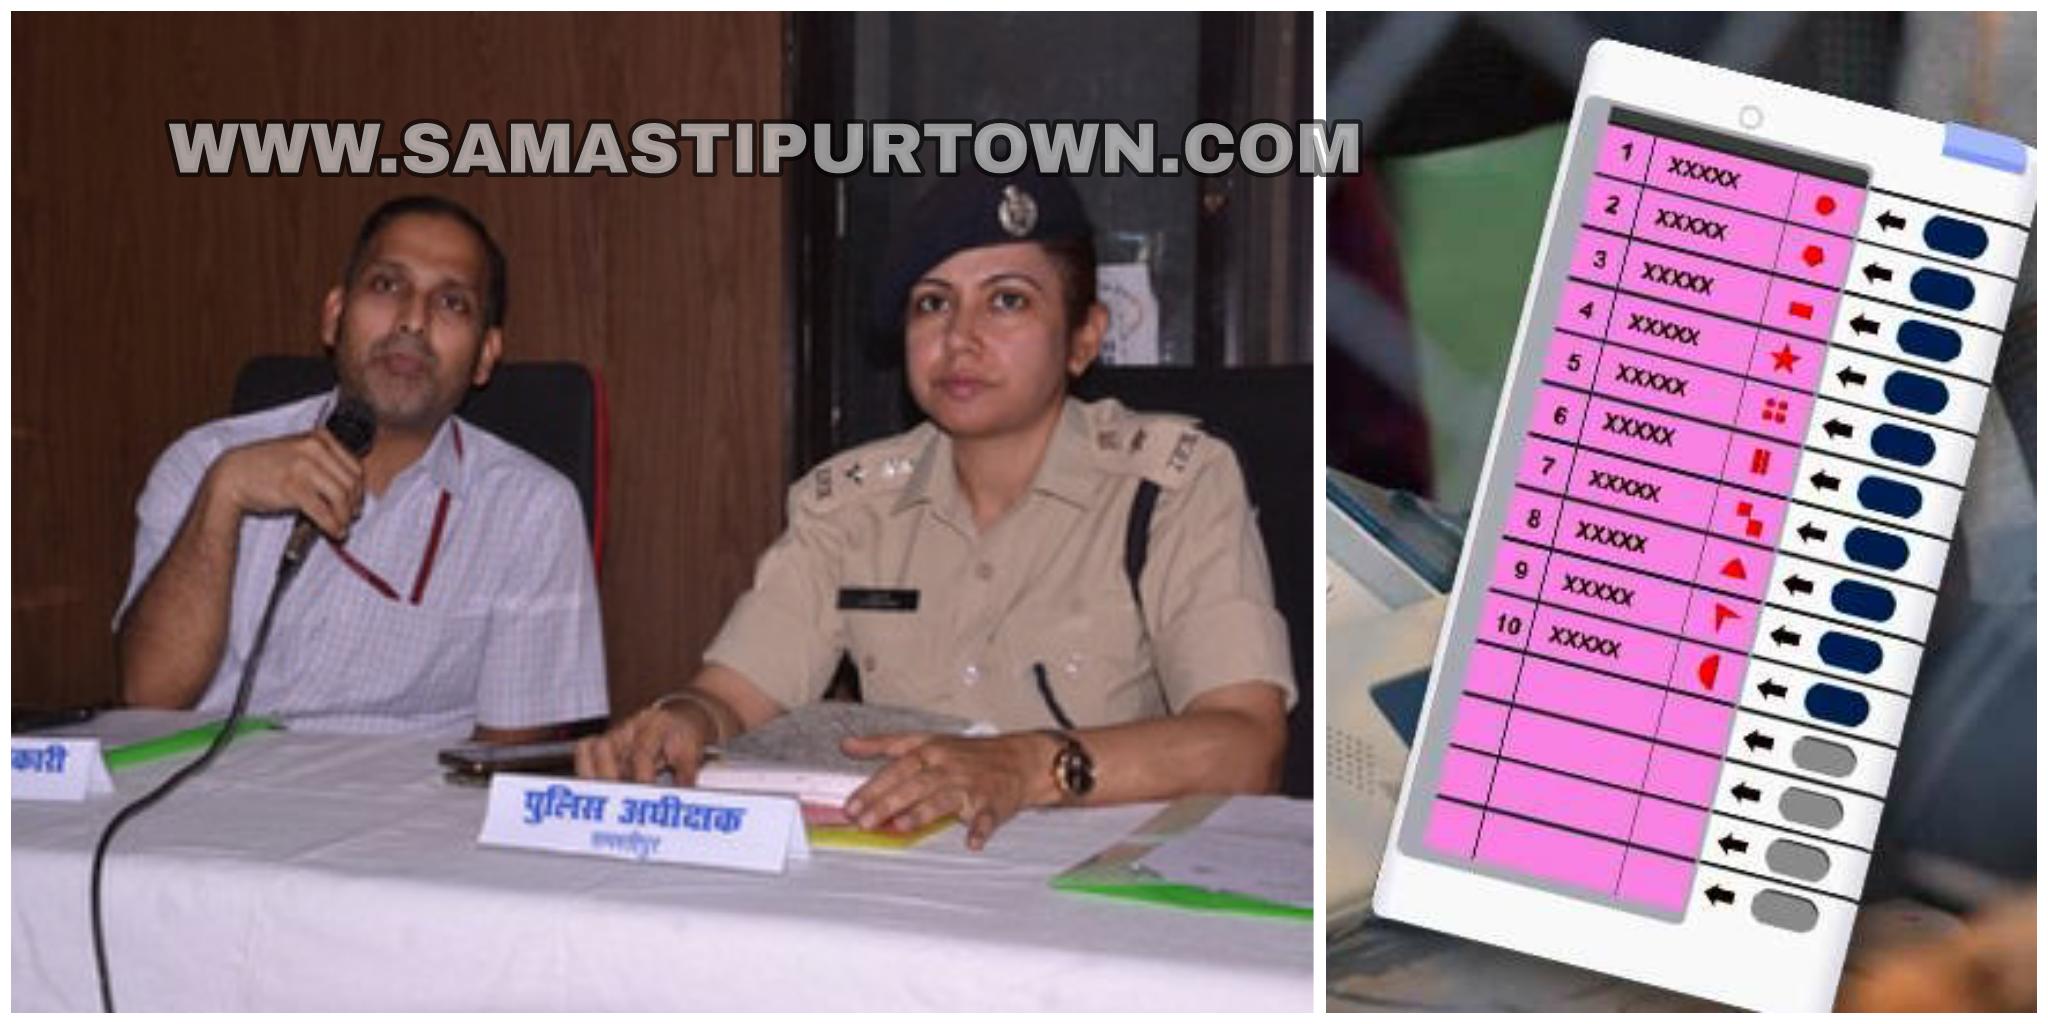 भयमुक्त वातावरण में होगा मतदान, तैयारियां पूरी : DM समस्तीपुर Town